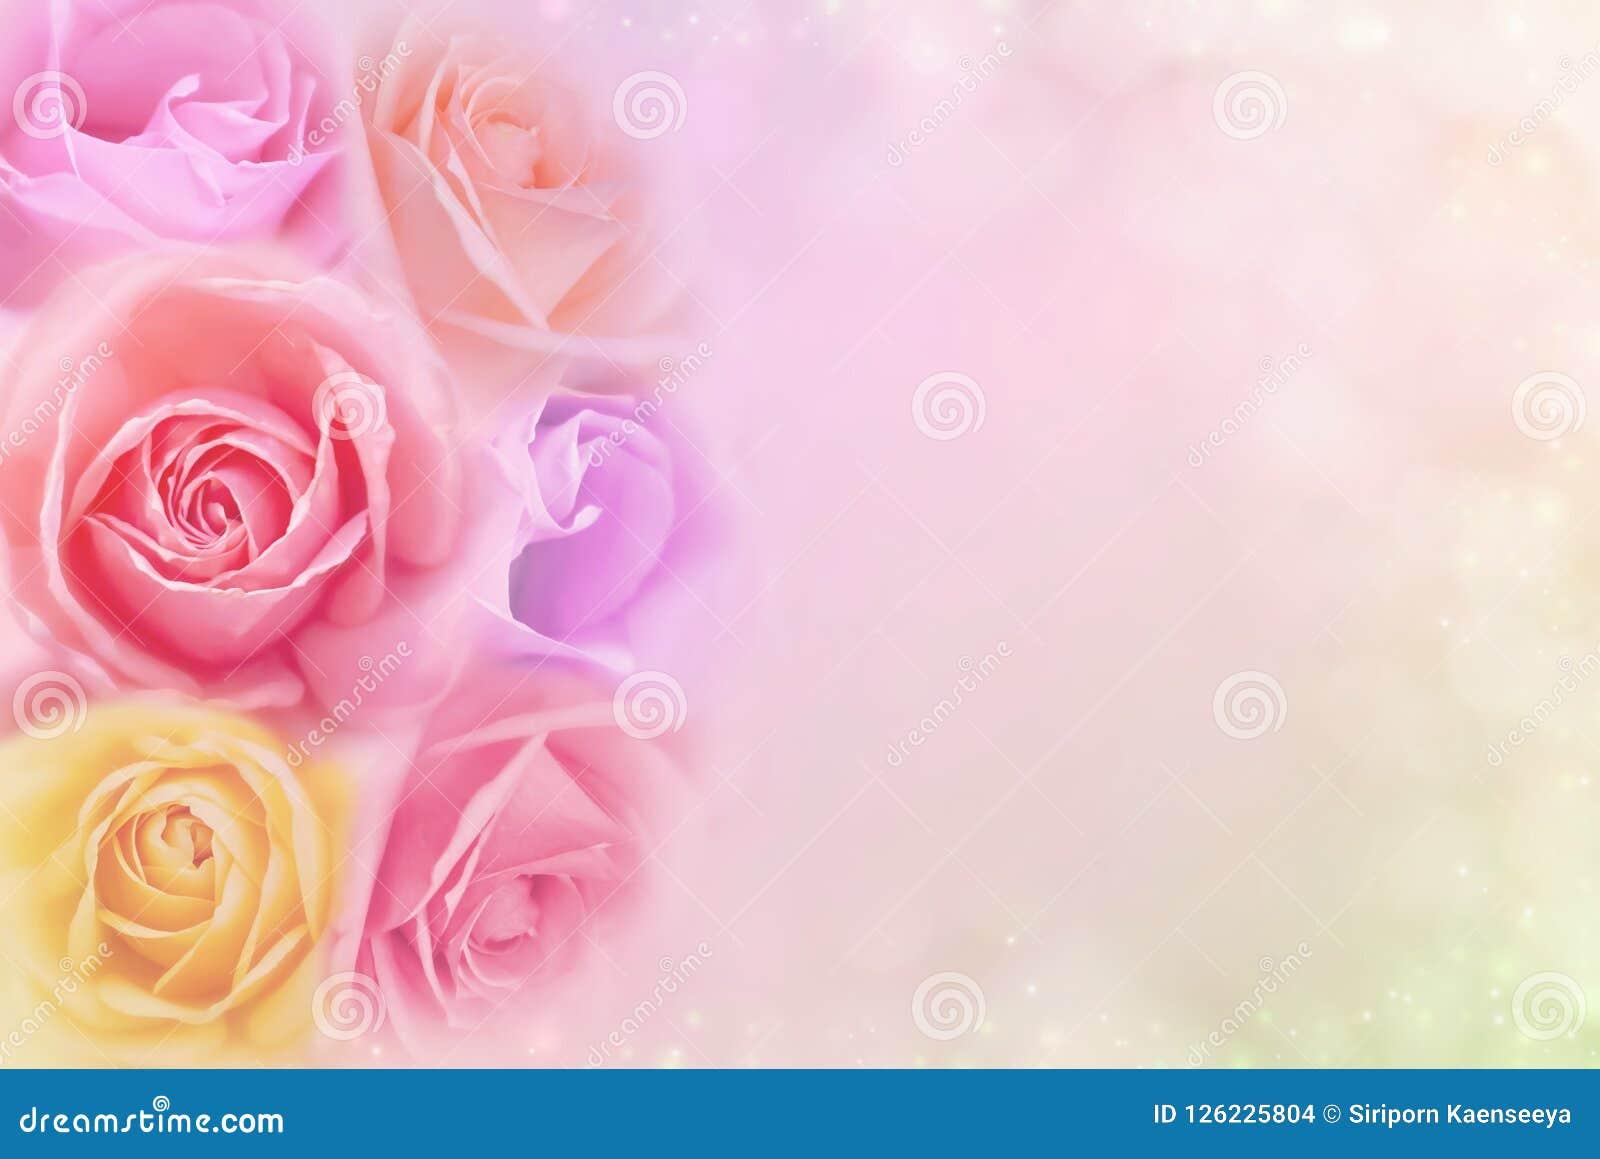 Las Rosas Hermosas Florecen En Filtros De Color Suaves